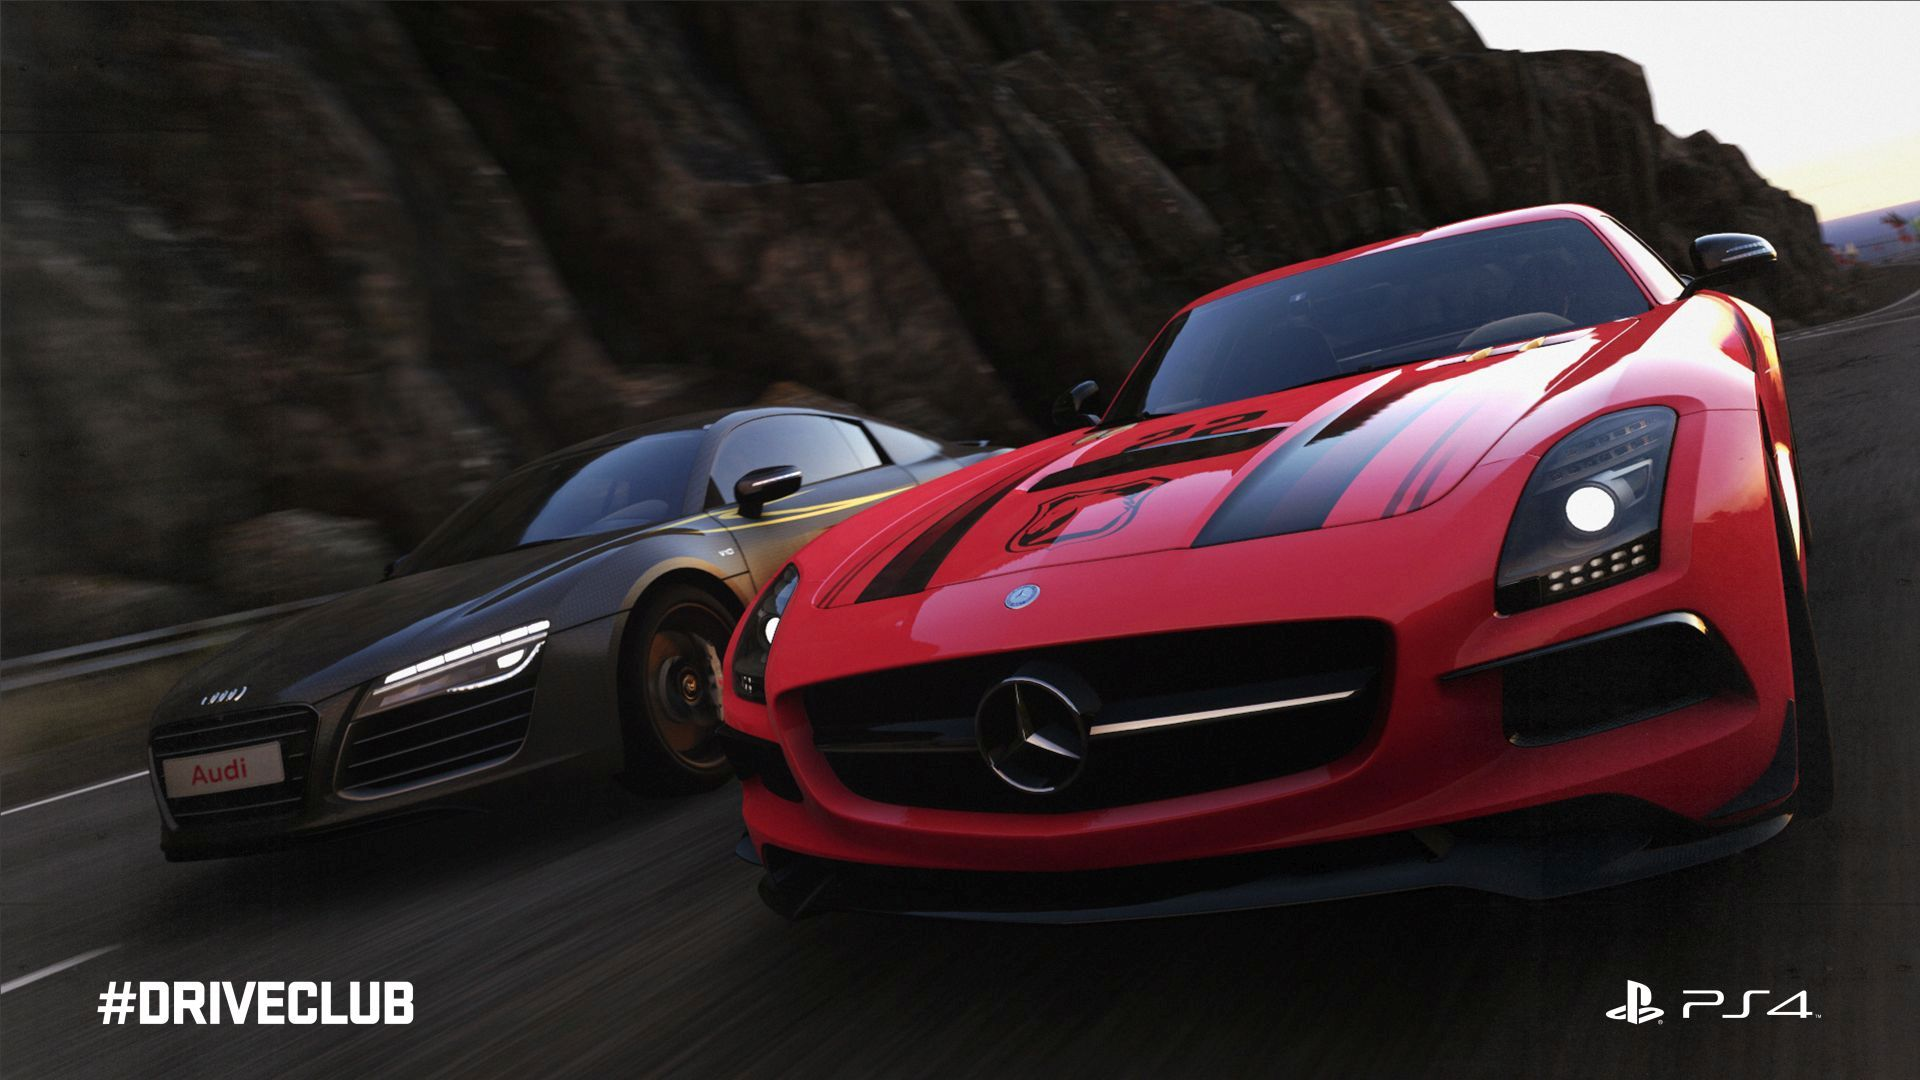 DriveClub: Egy új grafikai szintet hozott a piacra a játék a konzolok világában